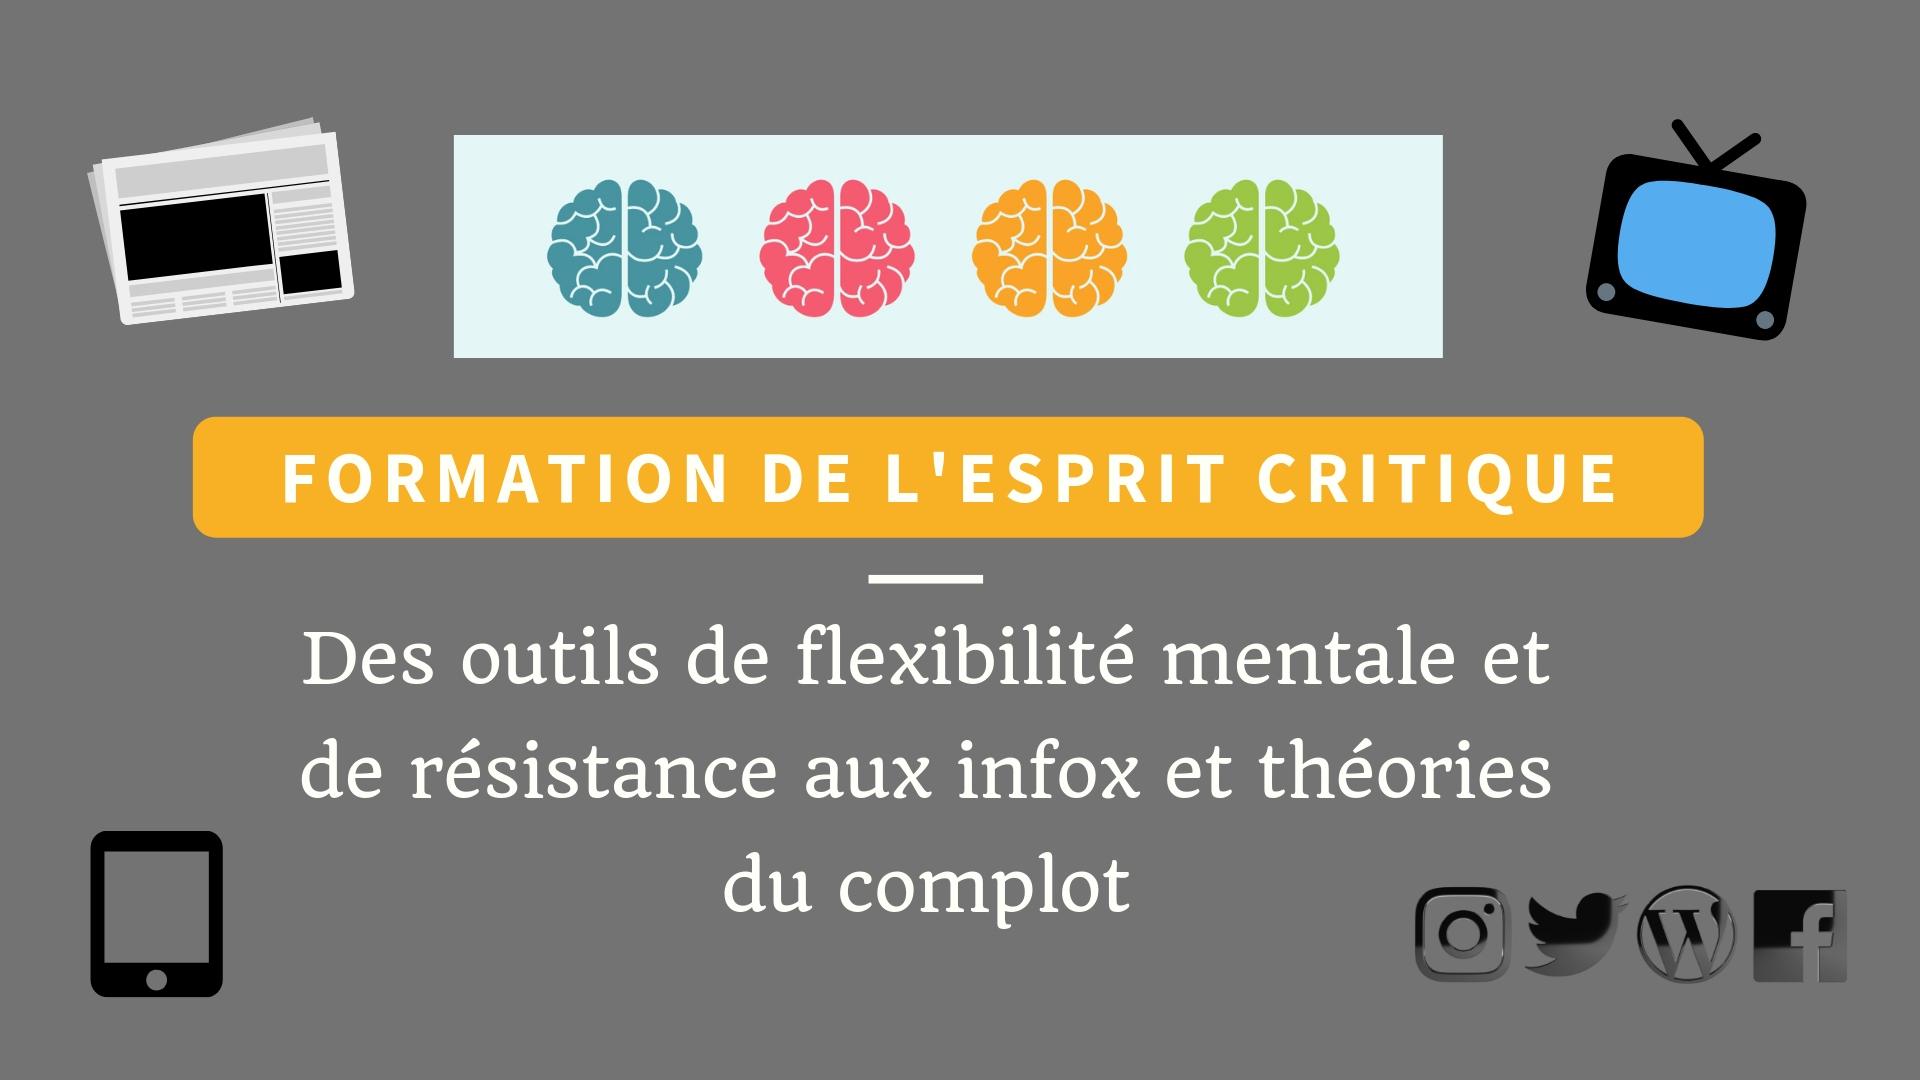 formation de l'esprit critique